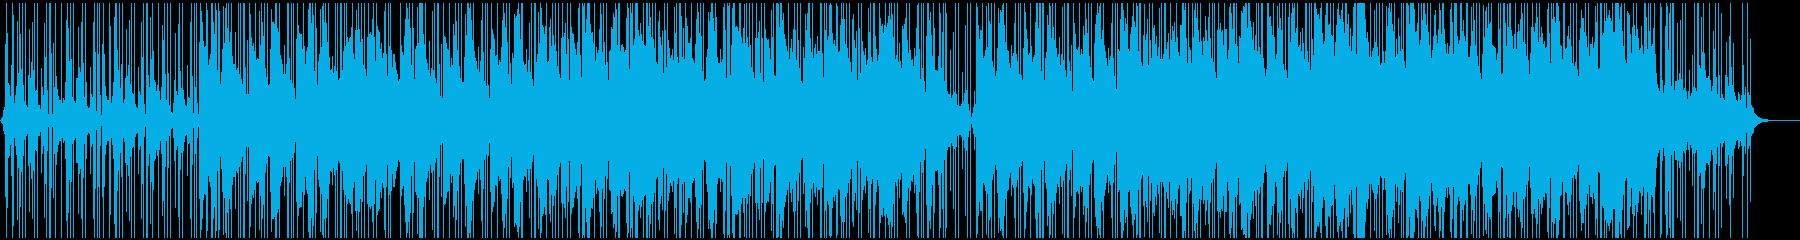 ピアノの旋律が印象的なチルヒップホップの再生済みの波形